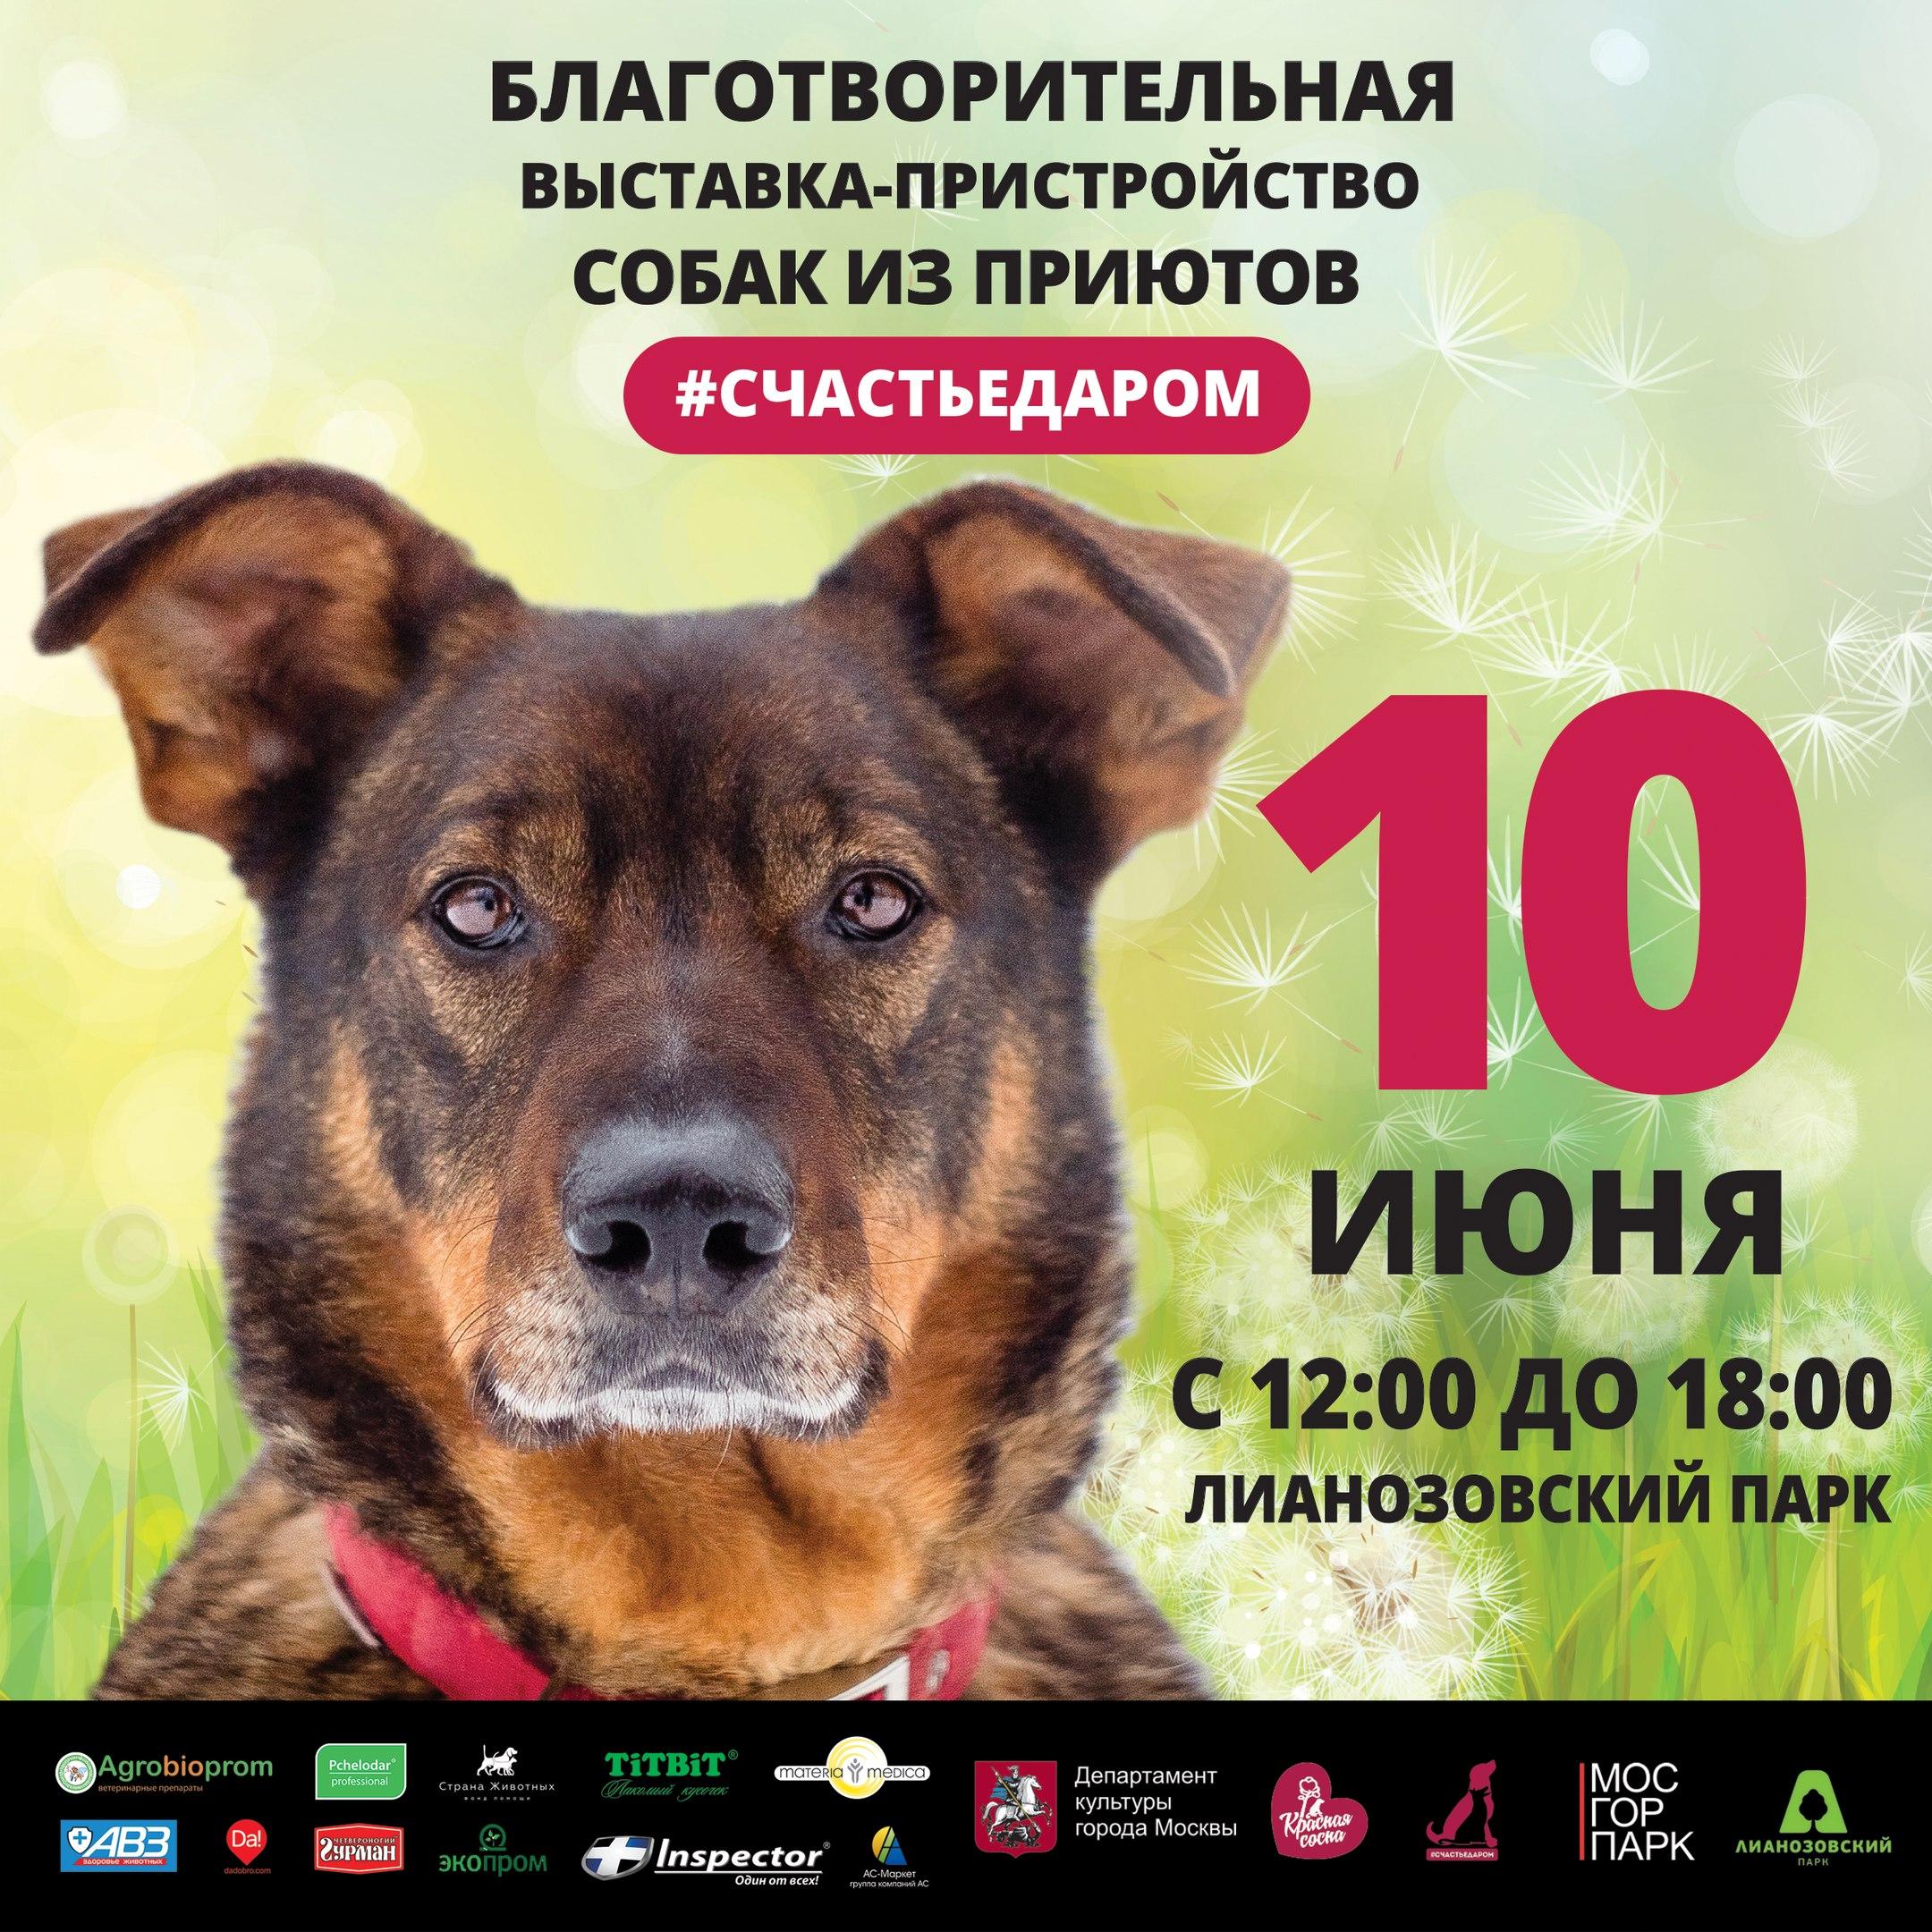 Выставка-пристройство собак из приюта, г. Москва! 10 июня приходим в парк - за счастьем)